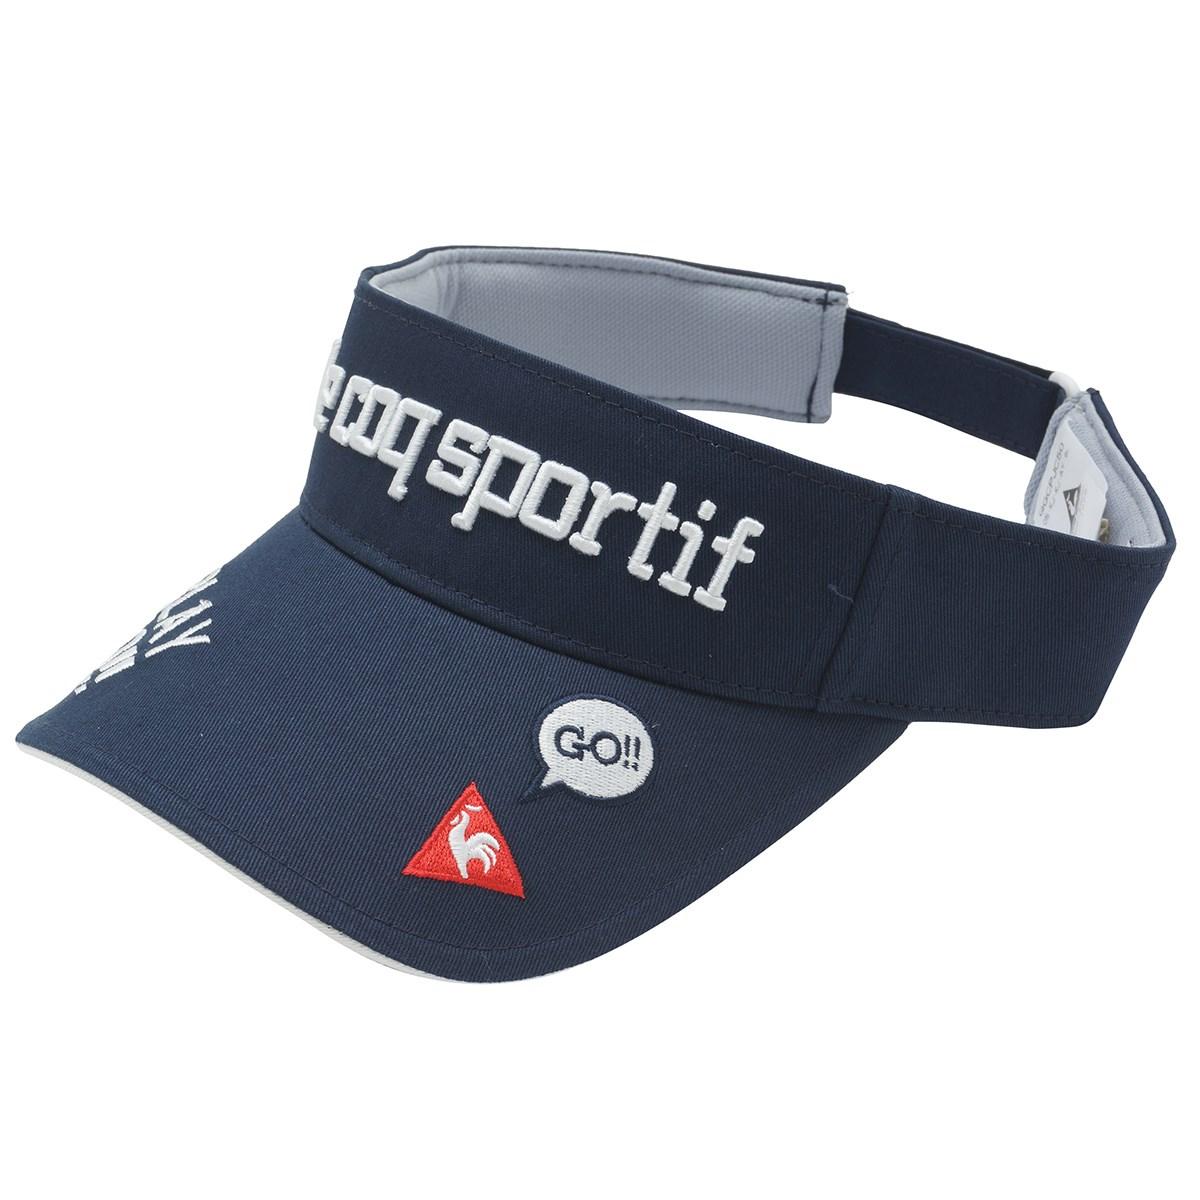 ルコックゴルフ Le coq sportif GOLF コットンツイルサンバイザー フリー ネイビー 00 レディス